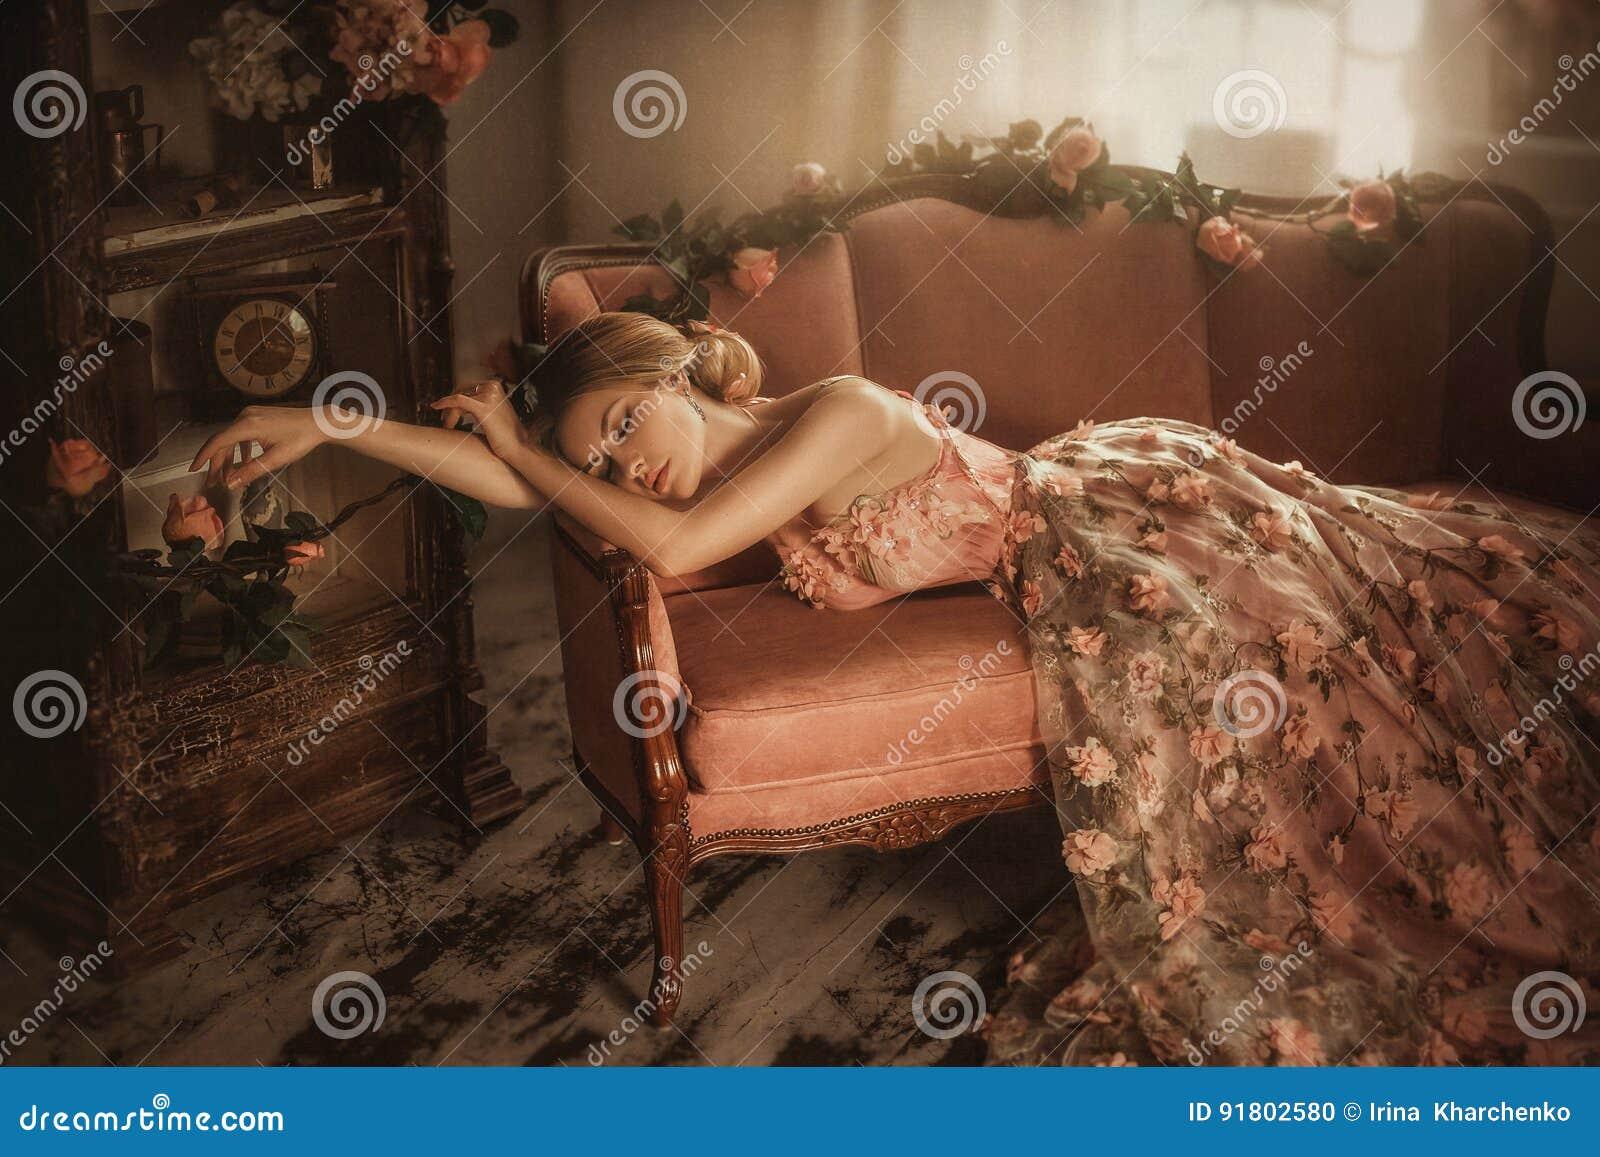 睡美人的传说